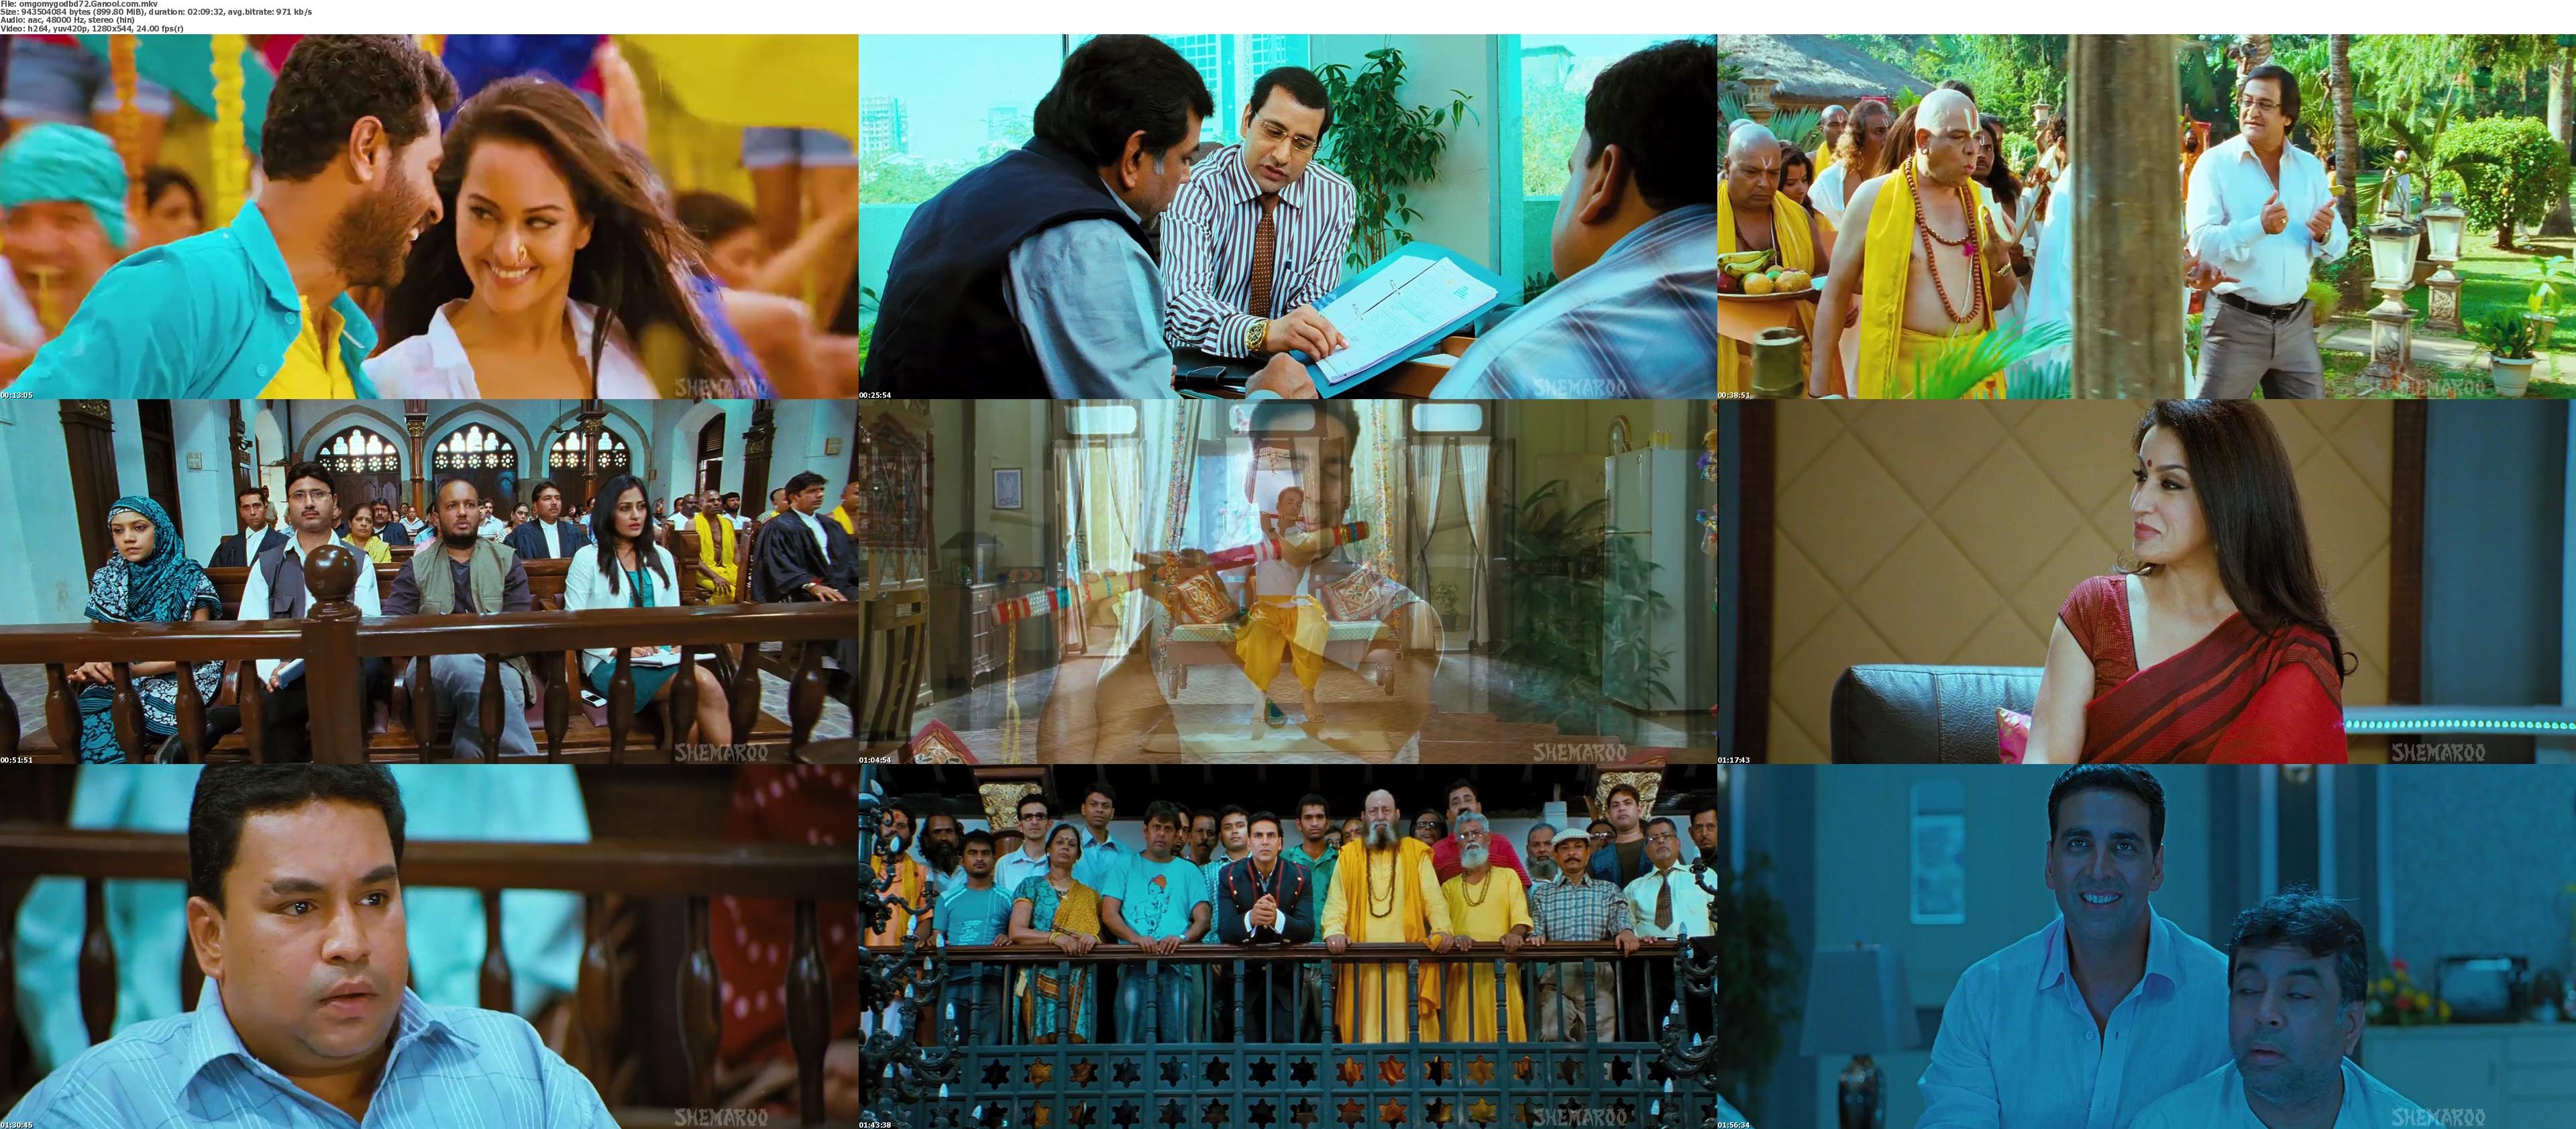 سریال های کره ای جدید با زیرنویس  دانلود فیلم طلا فیلم